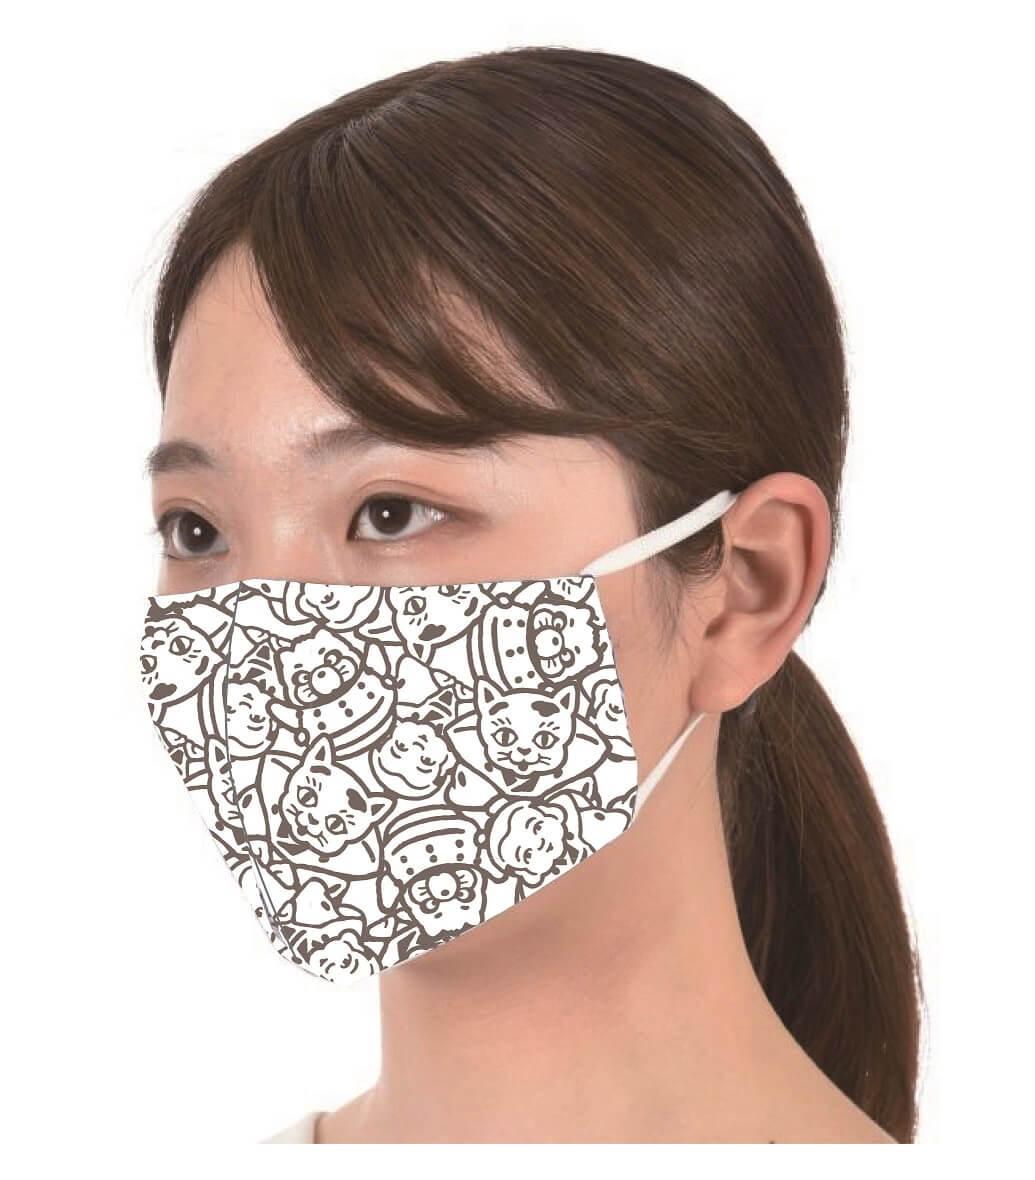 足袋職人がつくったマスク「平成狸合戦ぽんぽこ」柄の装着イメージ